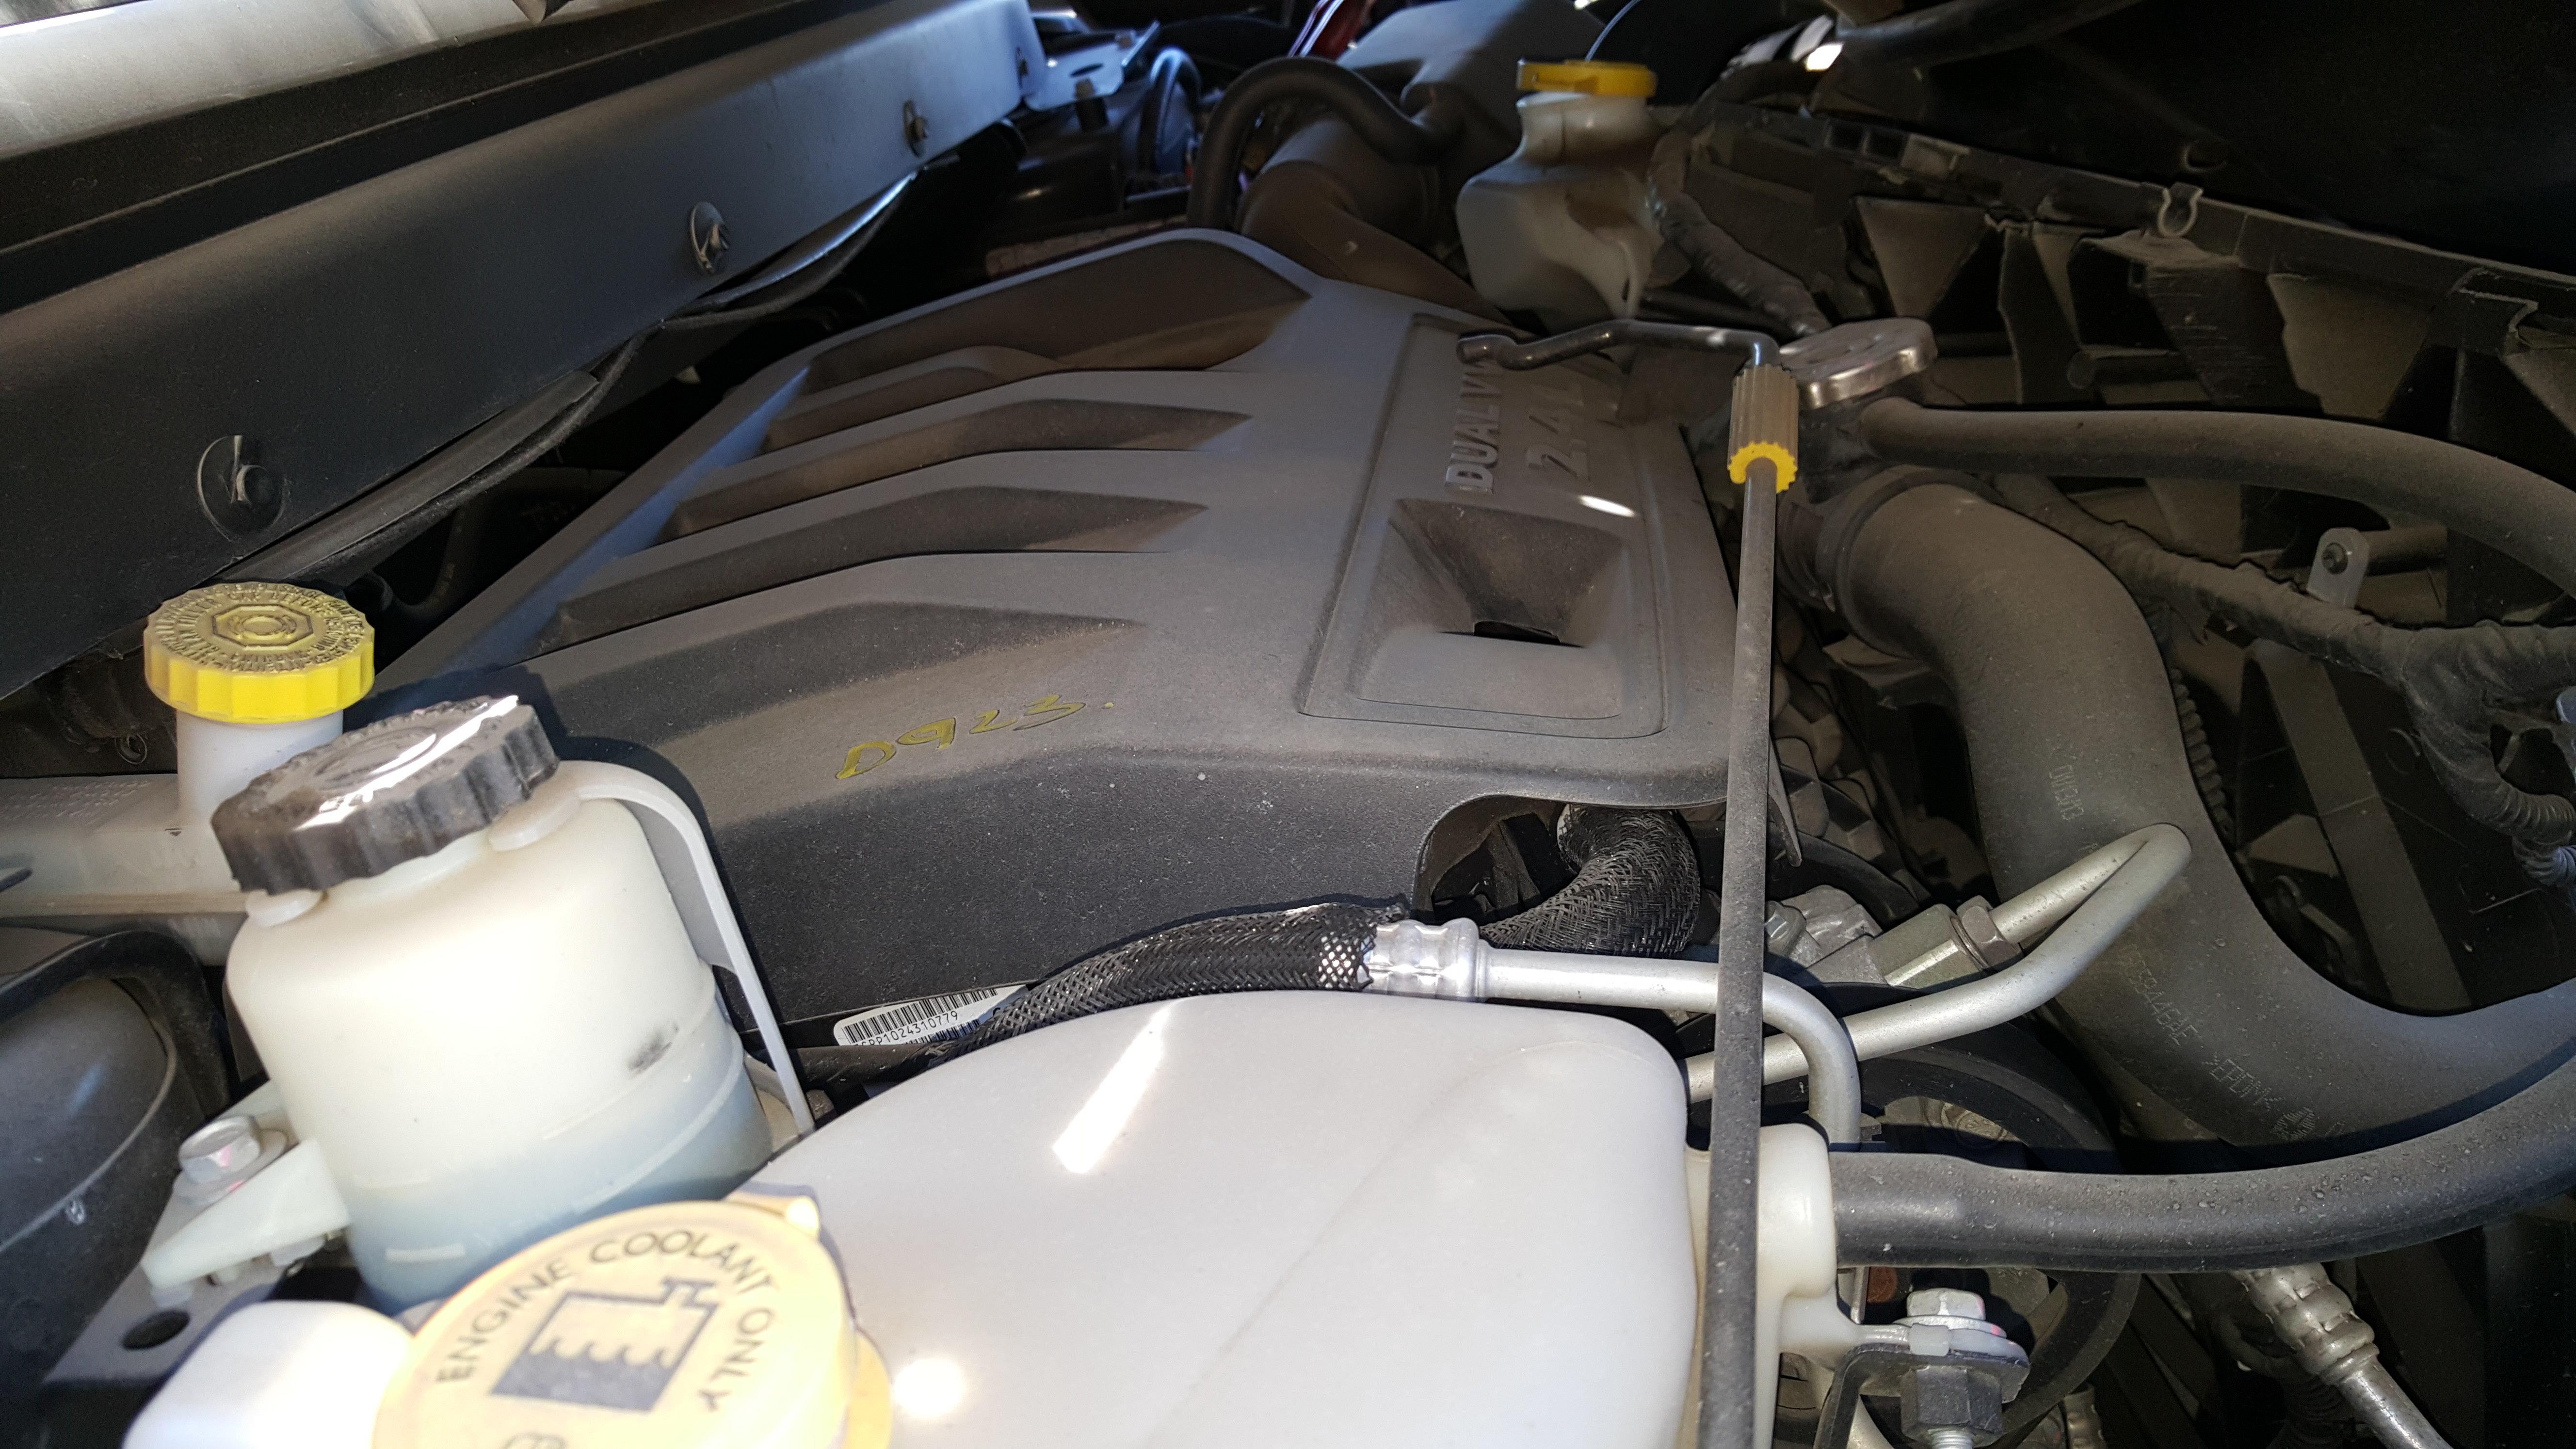 FIAT FREEMONT DODGE JOURNEY 24L 4 CYLINDER ENGINE BDT6 1115